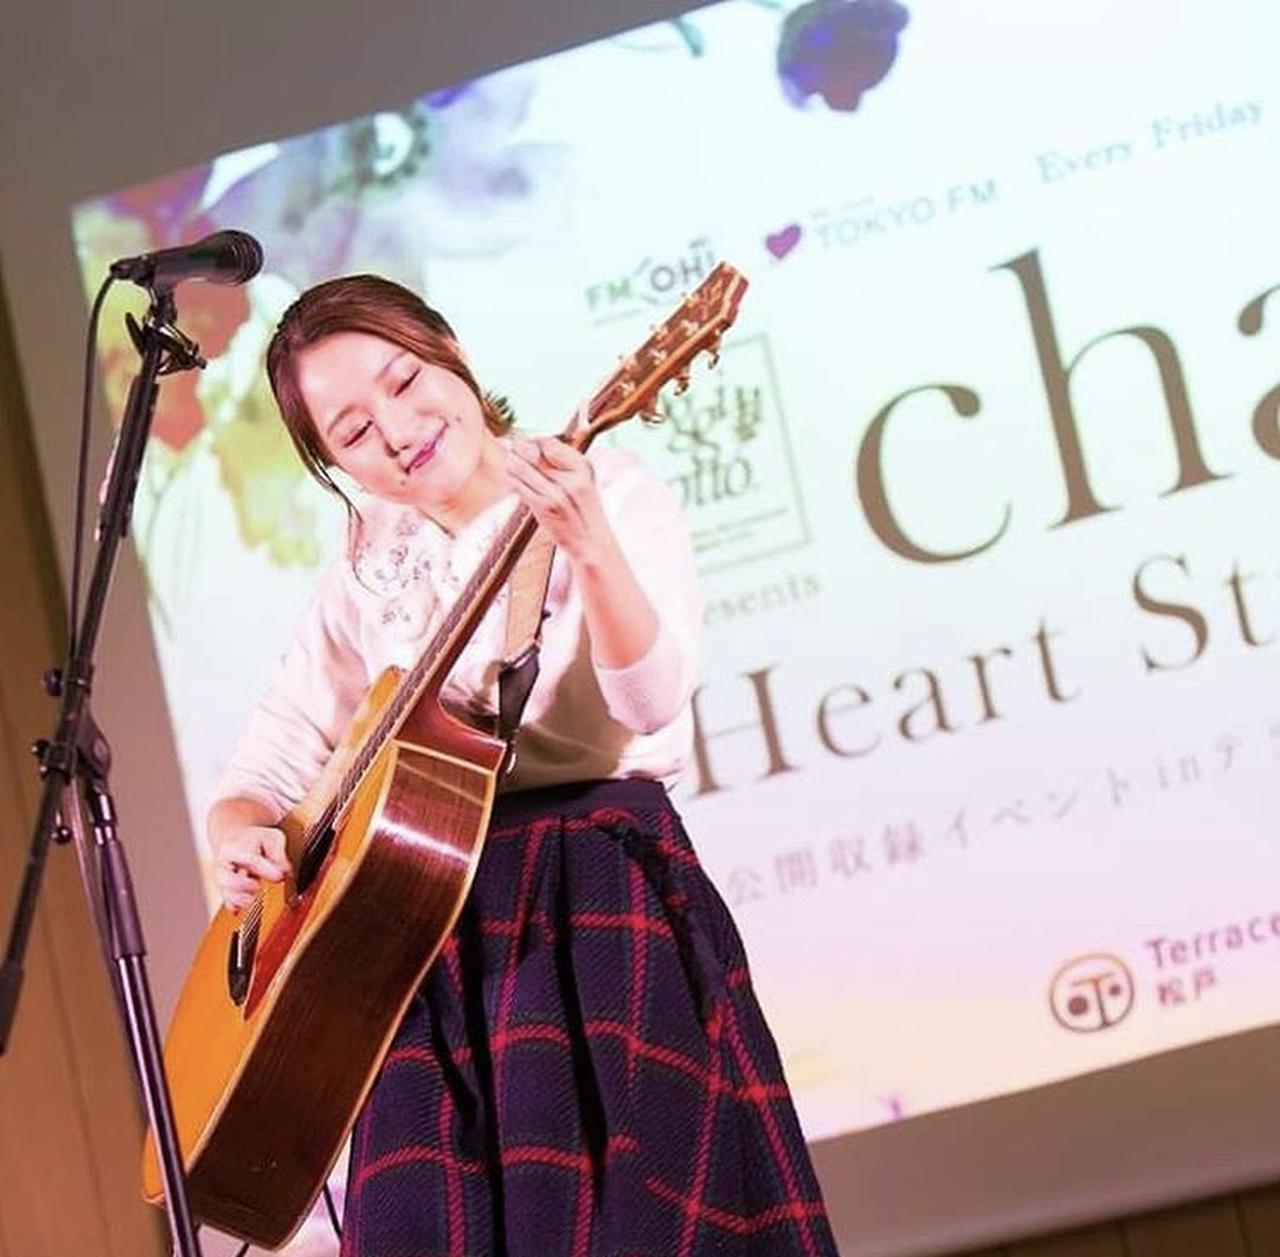 画像4: 12/20 oggi otto presents chay Heart Station♪